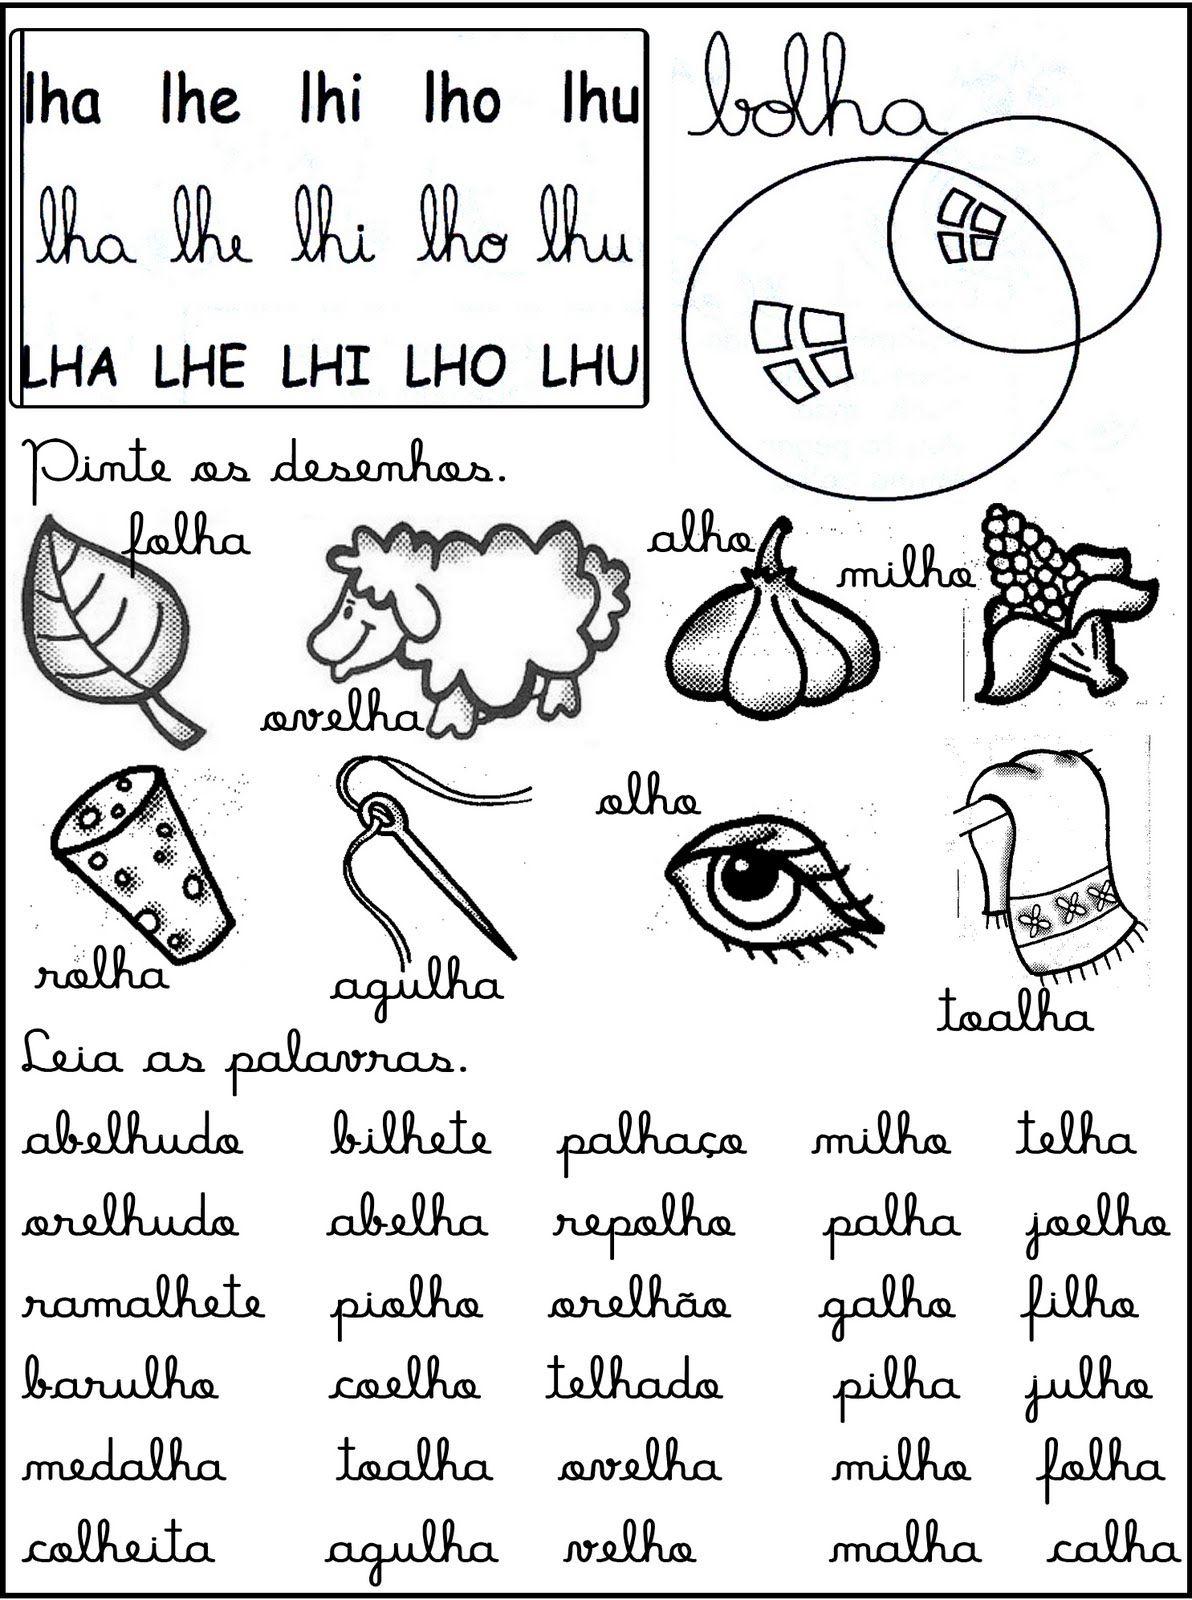 Lista De Palavras Com Ch Nh E Lh Para Pasta De Leitura Palavras